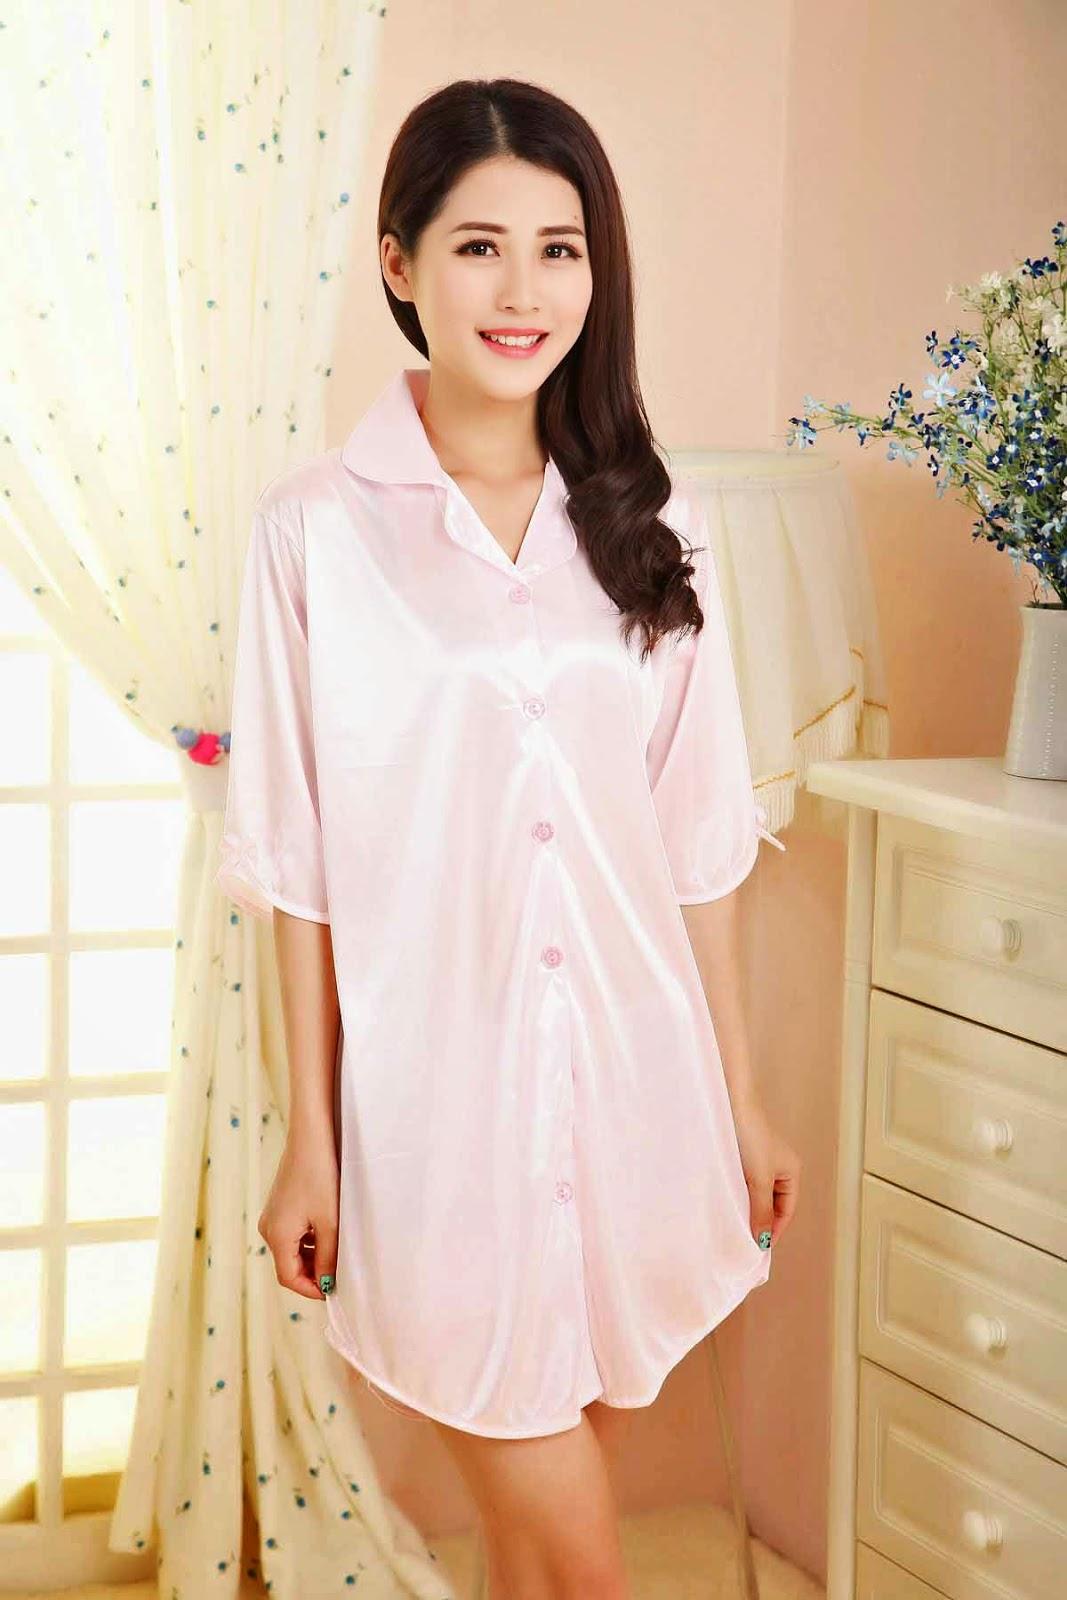 ชุดนอน แฟชั่นเกาหลีแบบเชิ้ตตัวยาวแขนสั้นผ้าซาตินใส่สบายสวย